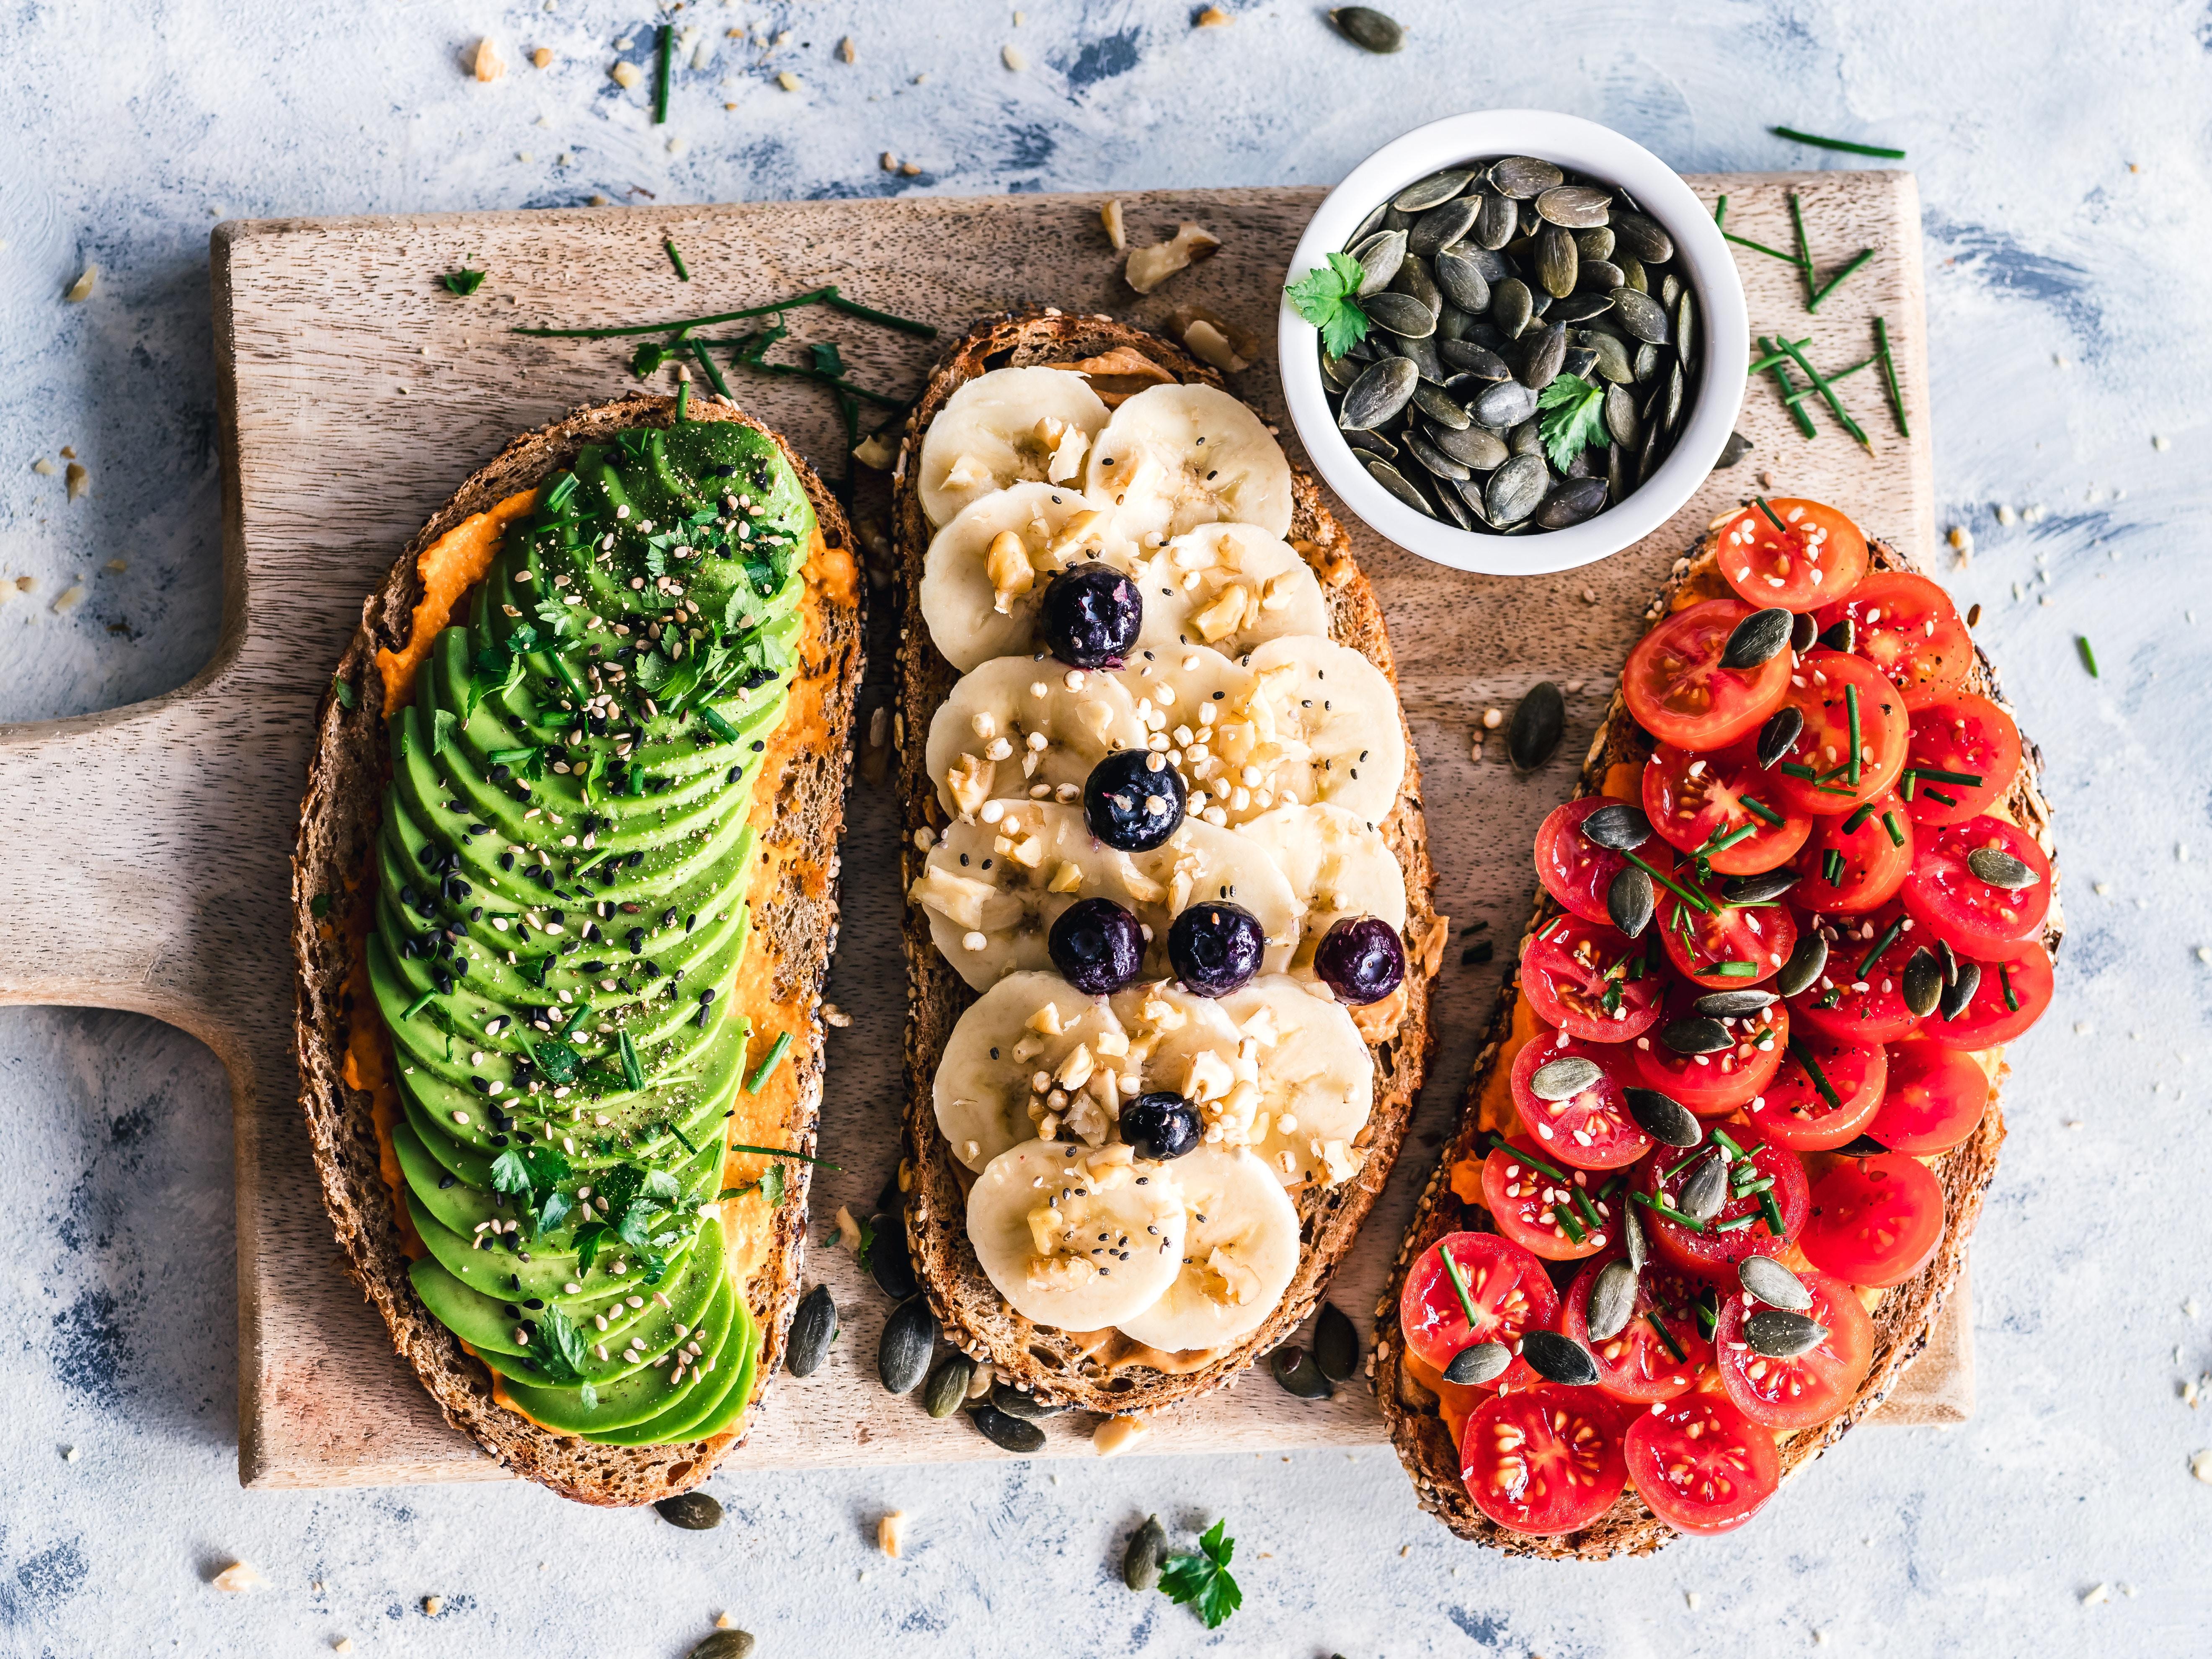 Dolegliwości zdrowotne a dieta mają ze sobą ścisły związek. Odpowiednia dieta pozwala utrzymać dobre samopoczucie i zdrowie.